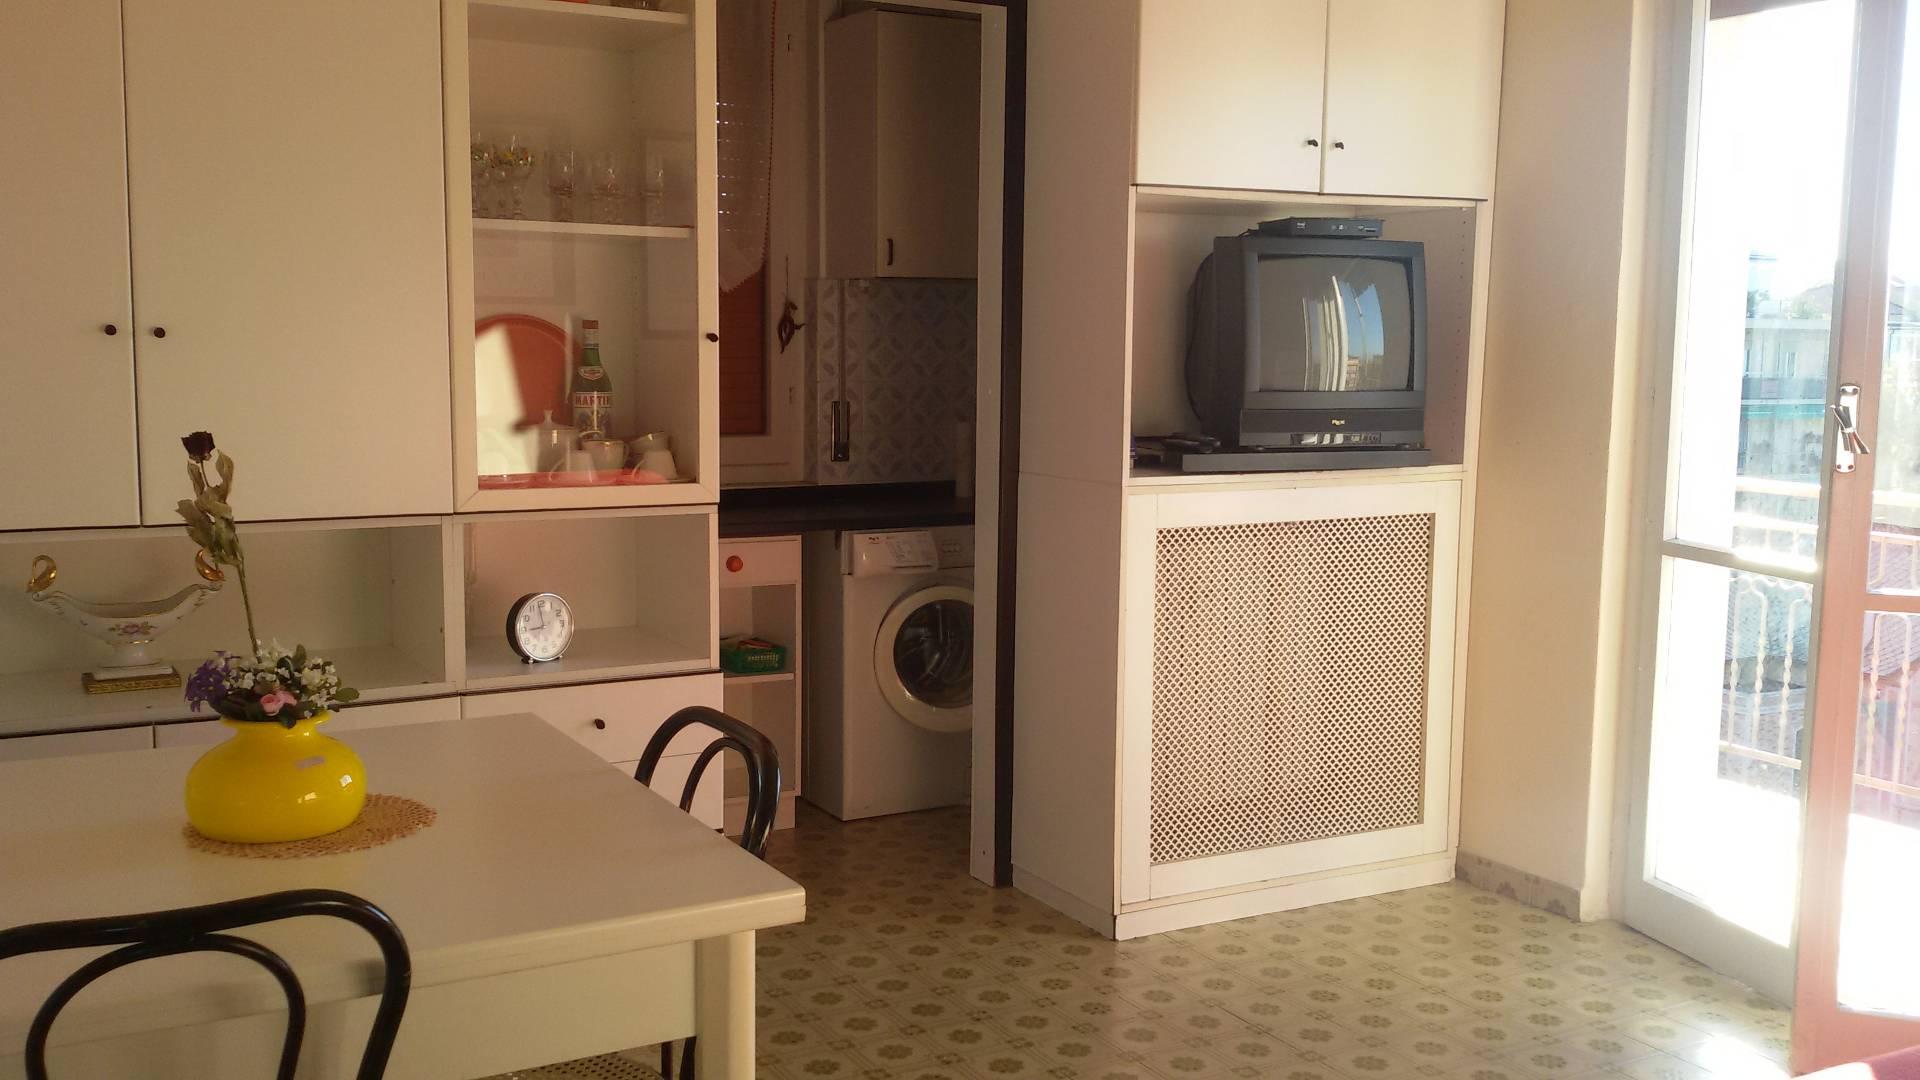 Appartamento in affitto a Pietra Ligure, 2 locali, zona Località: Stazione, prezzo € 550 | CambioCasa.it